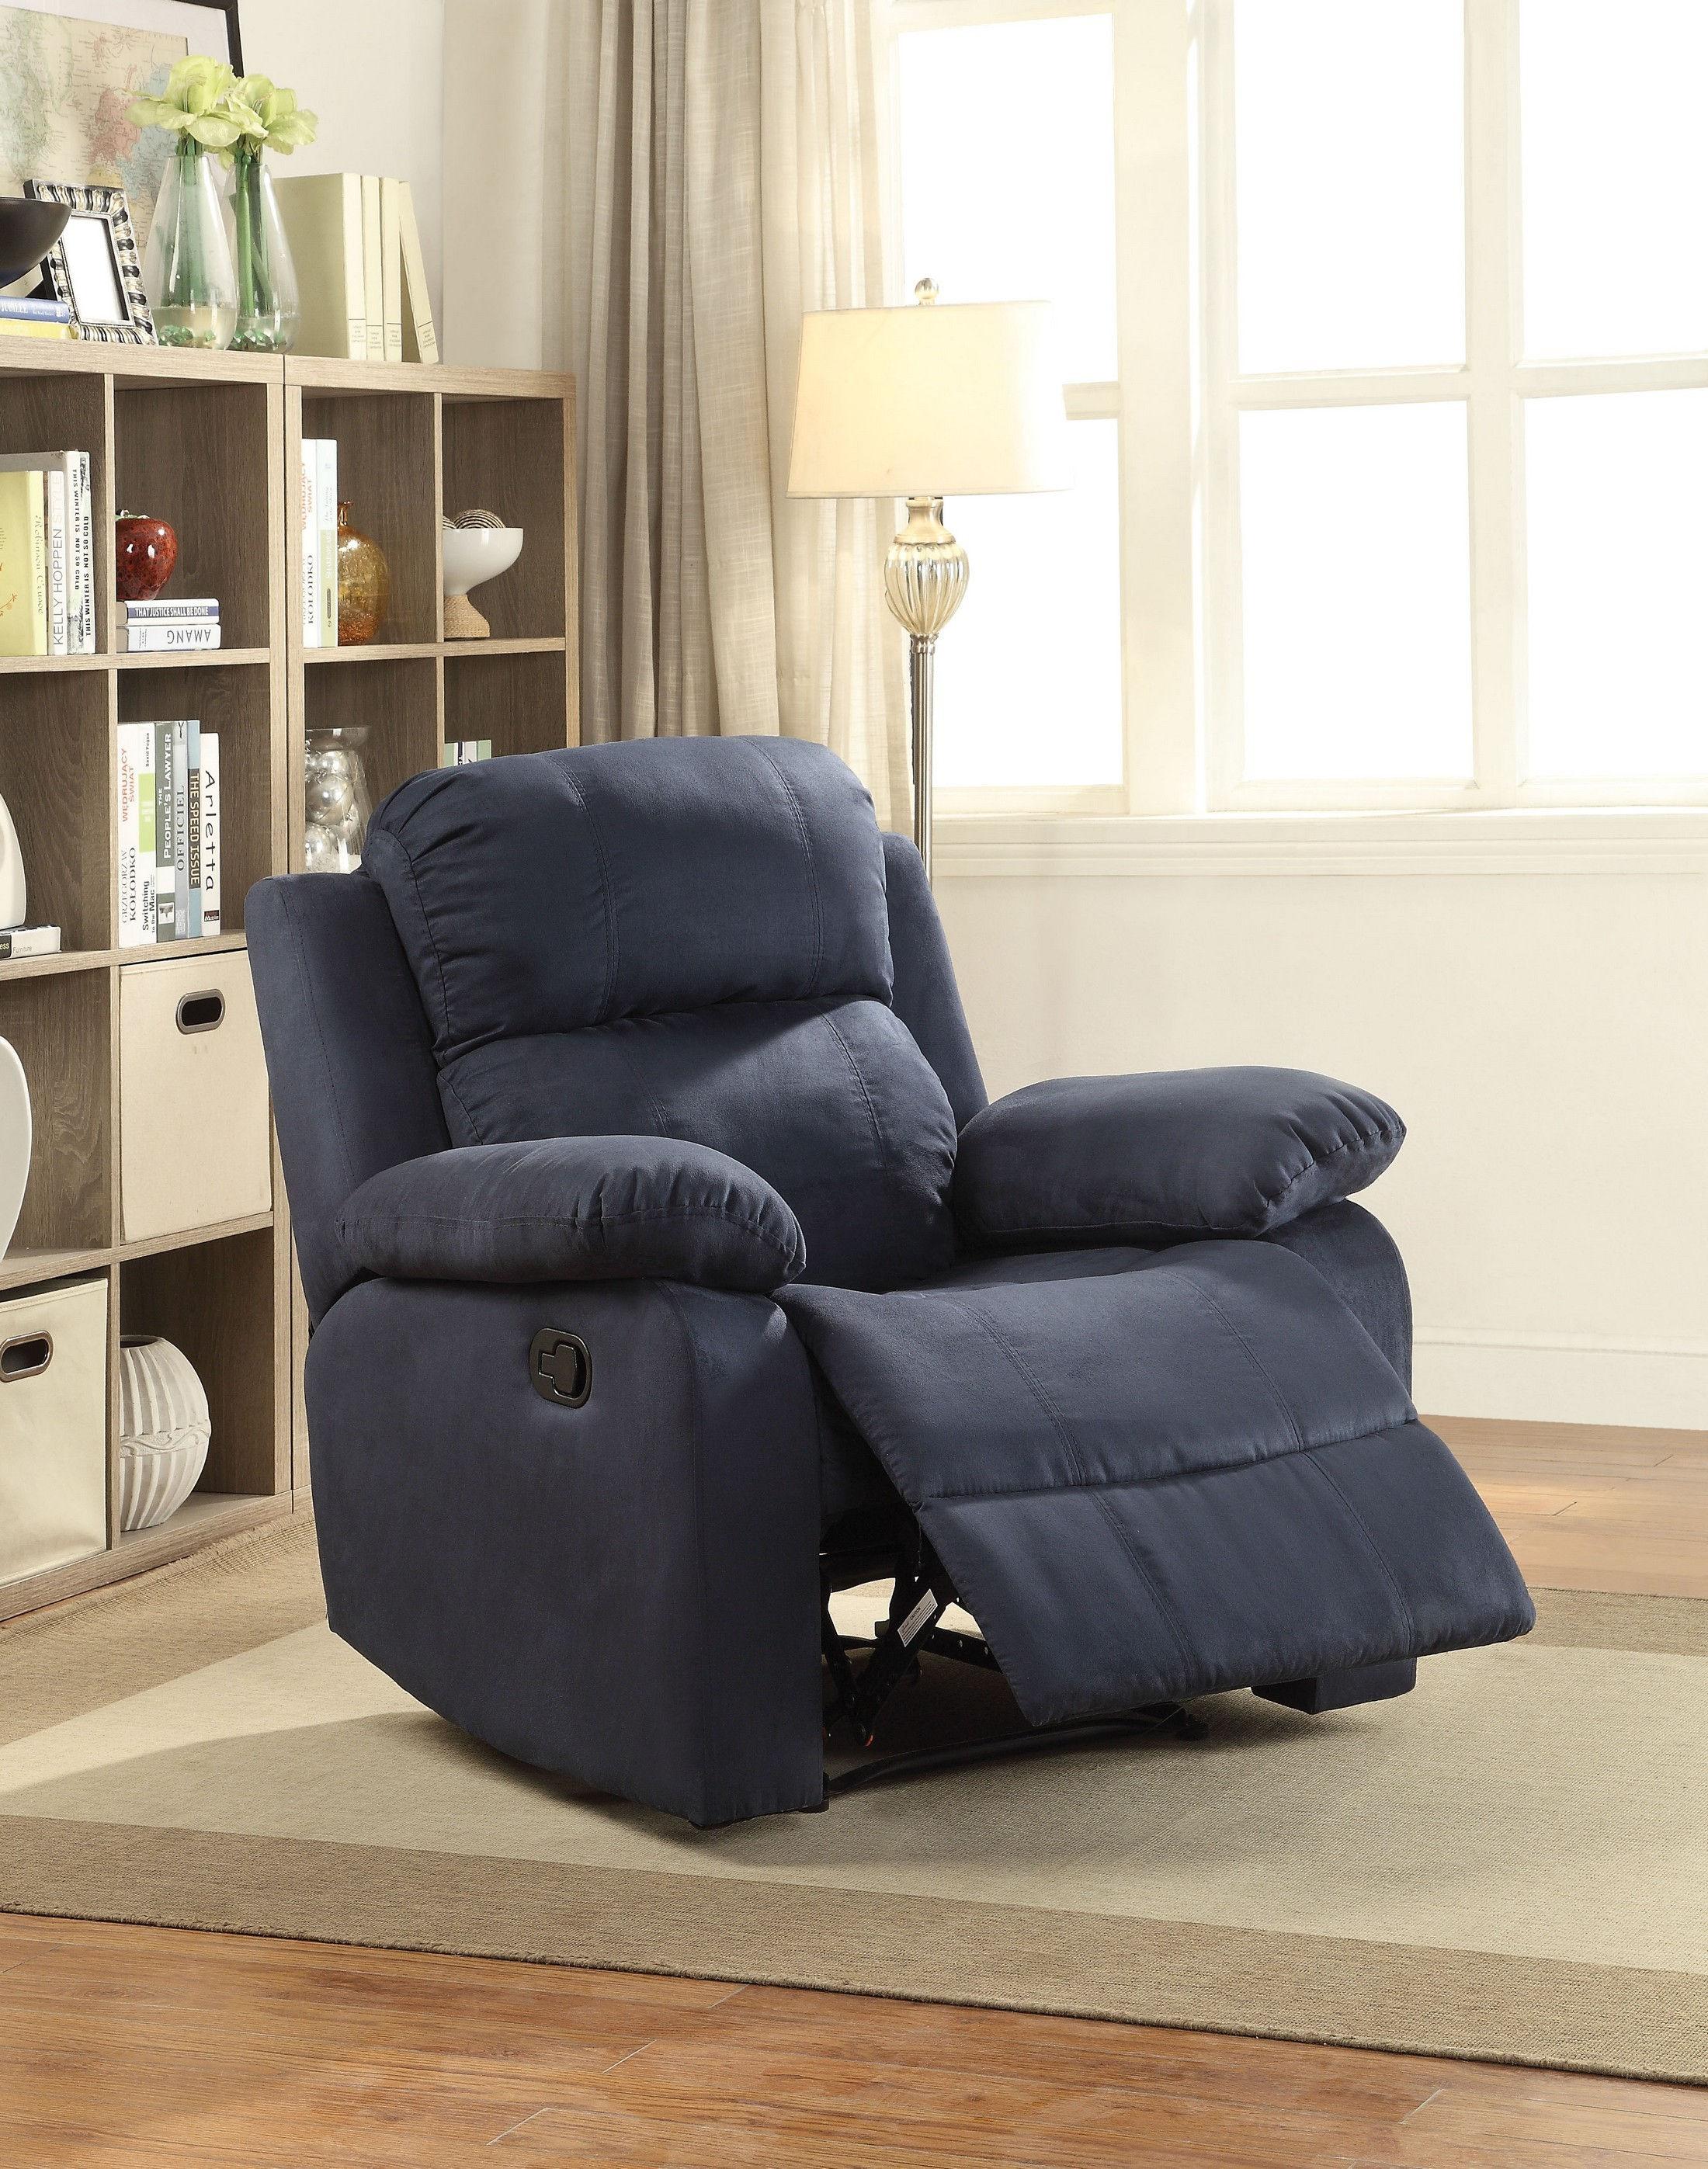 Parklon Blue Chair 59476 Acme Corporation Recliner Sofas